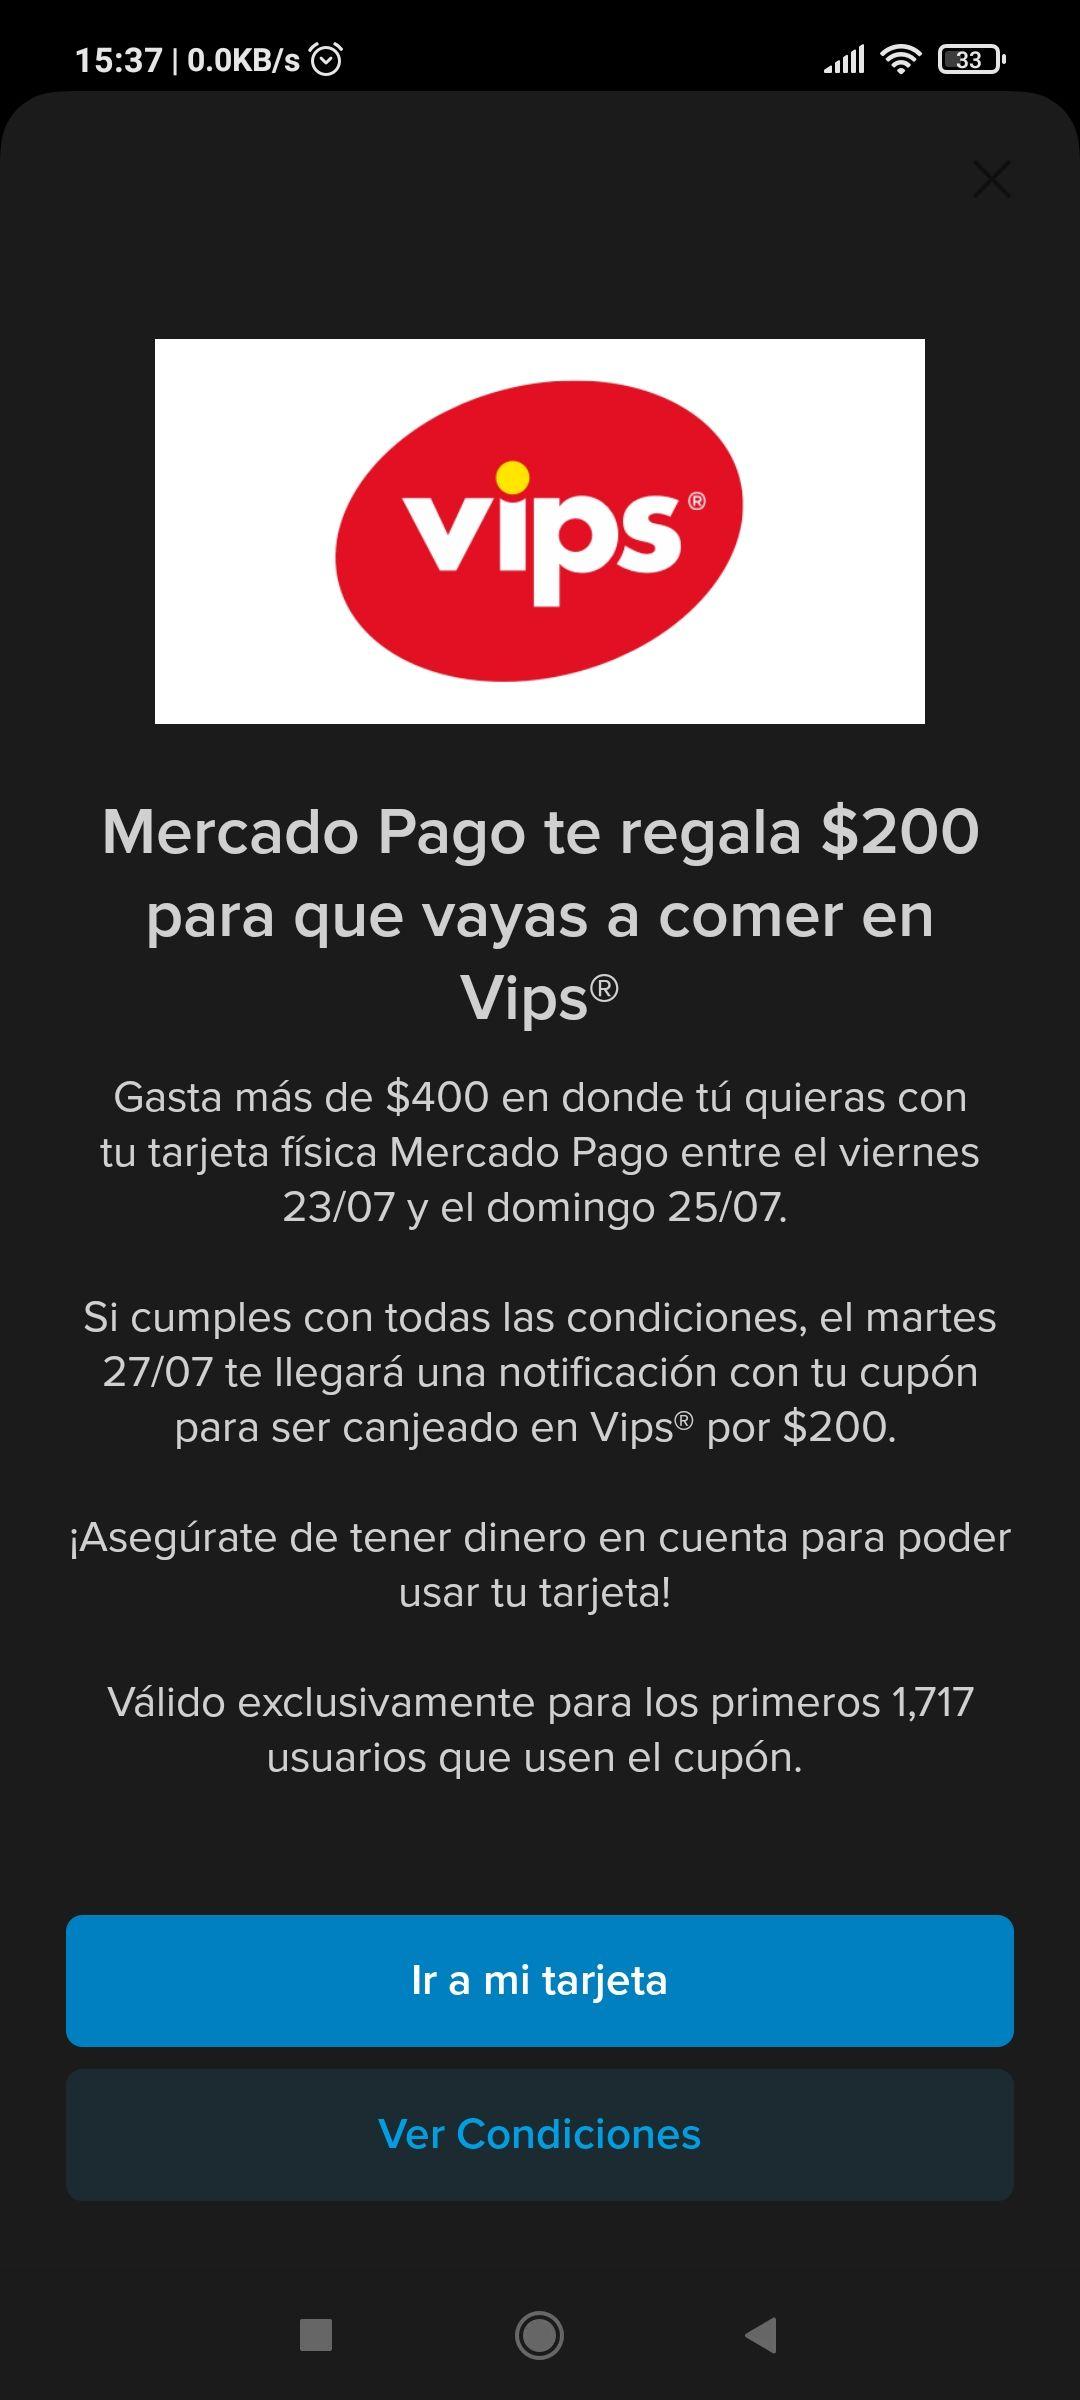 Mercado Pago: Gasta más de $400 y obtén cupón de $200 en vips